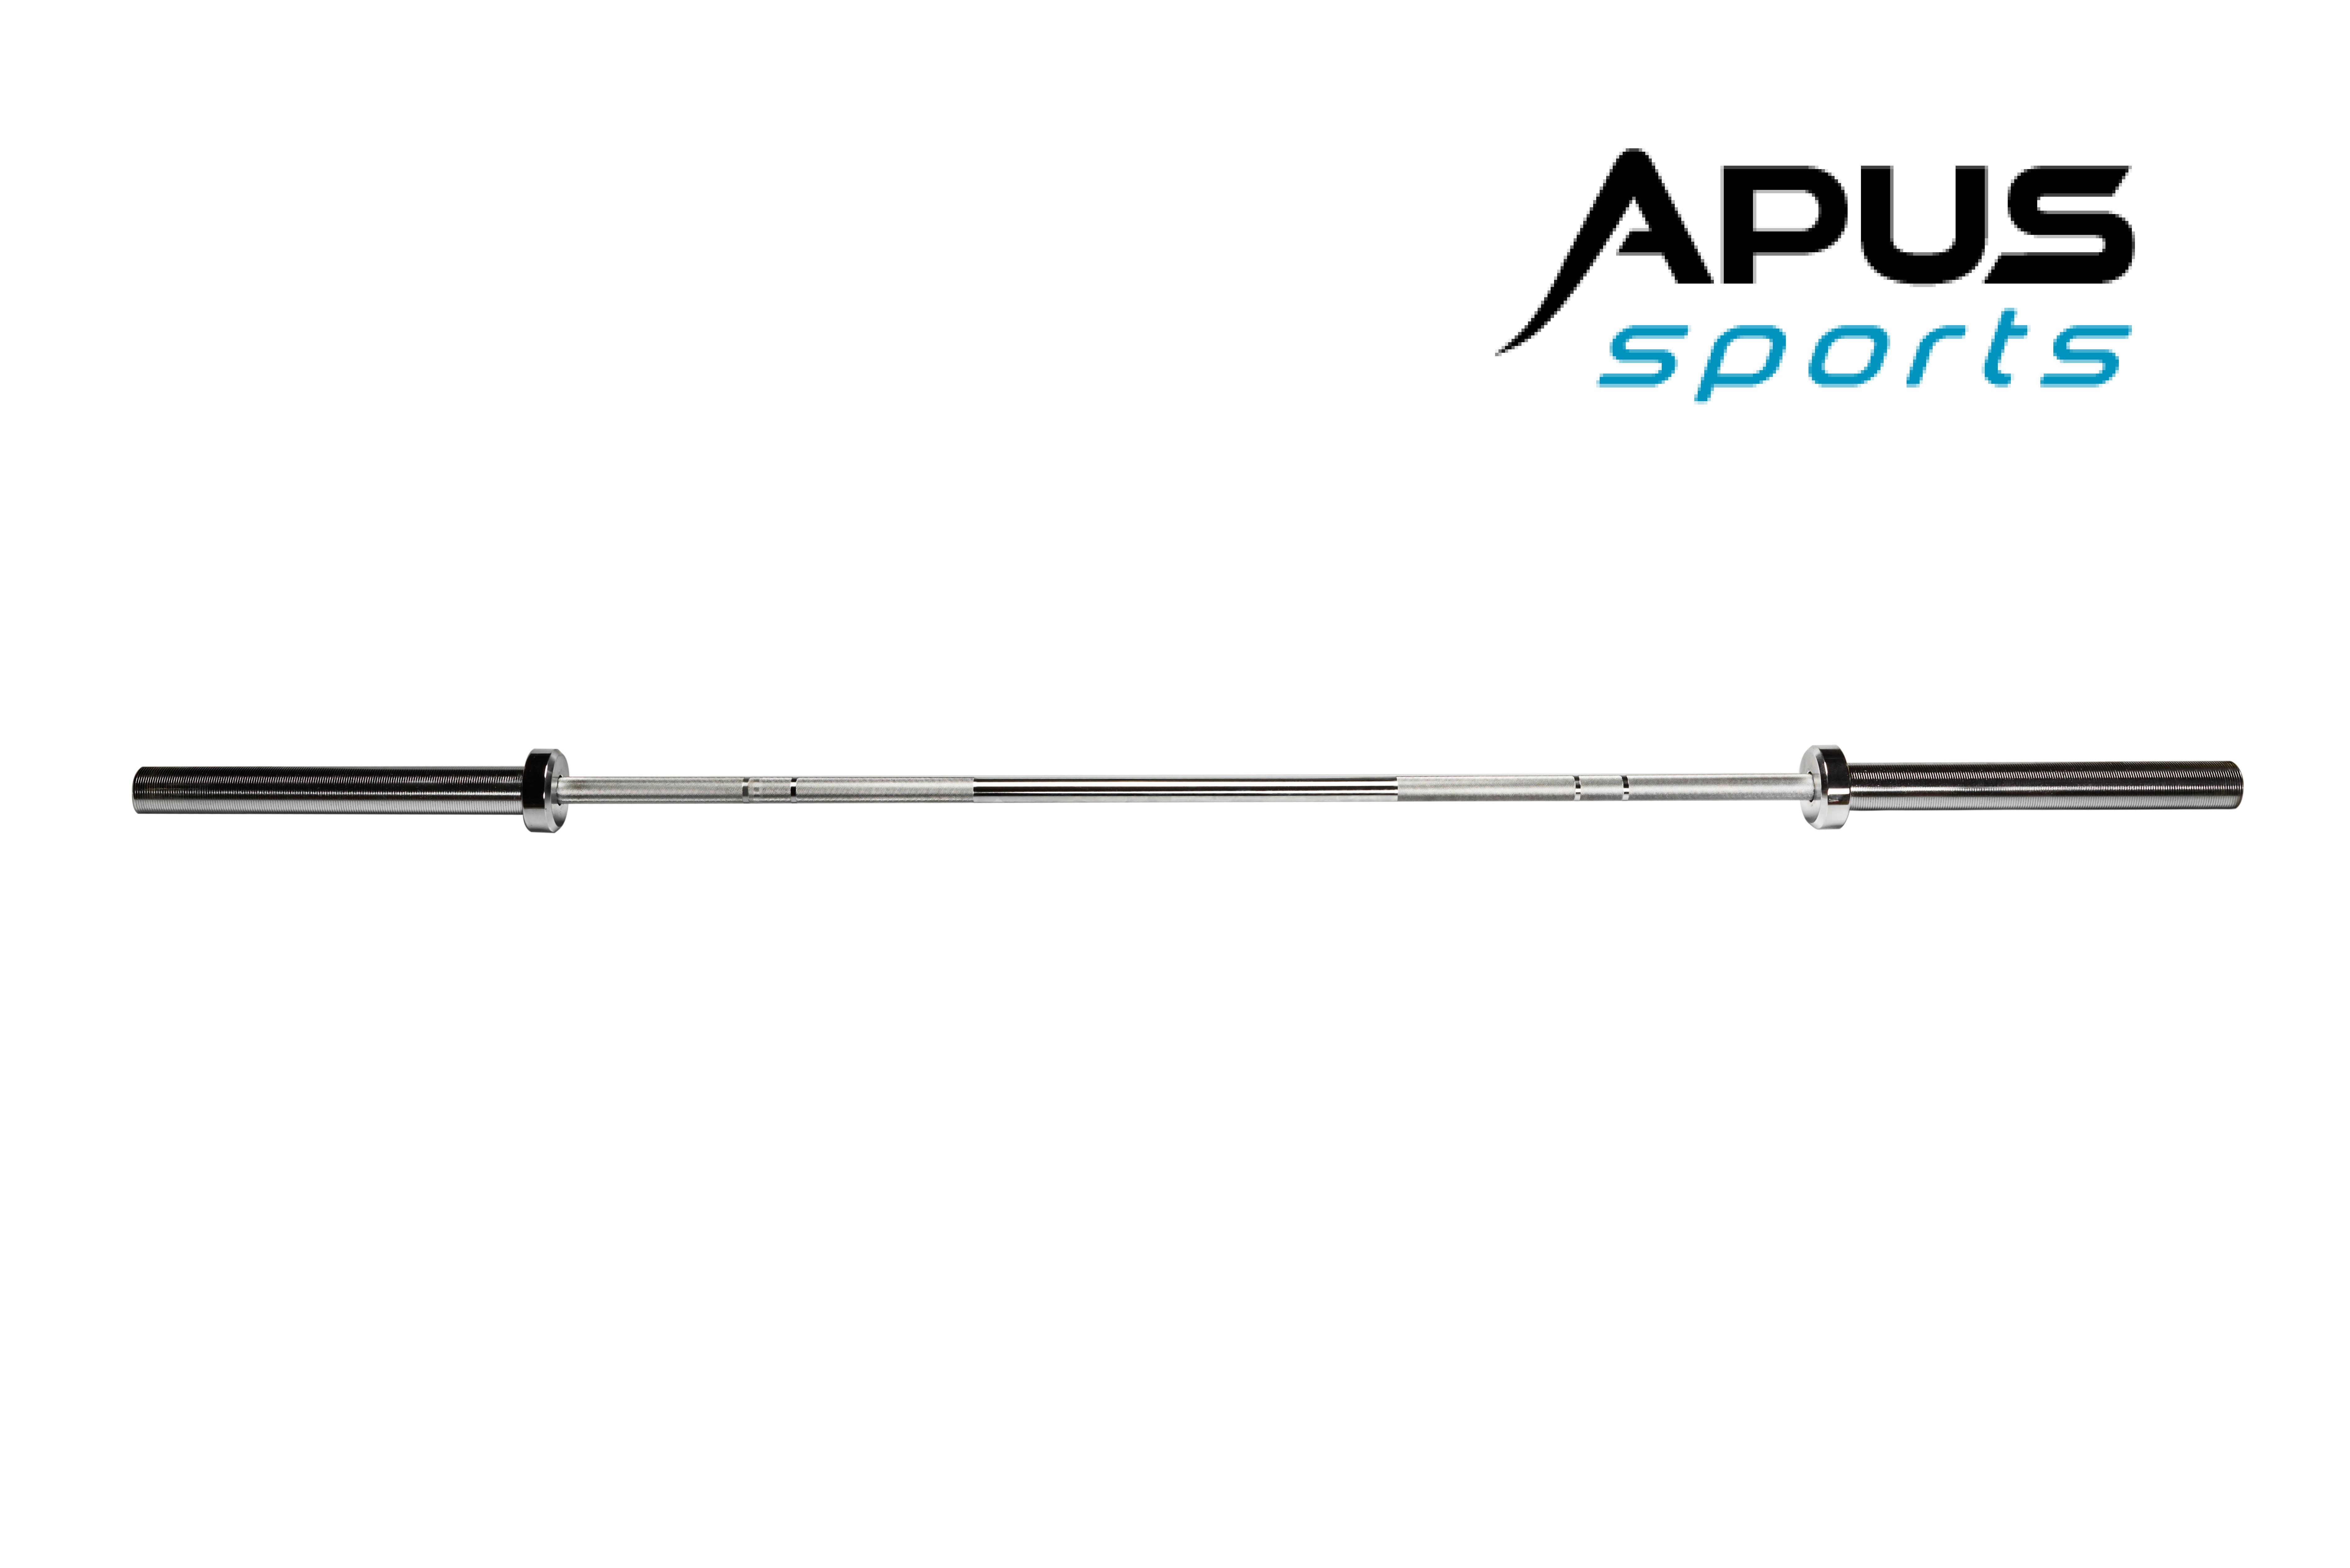 Гриф олимпийский для штанги 180 см. Apus Sports. Профессиональный прямой